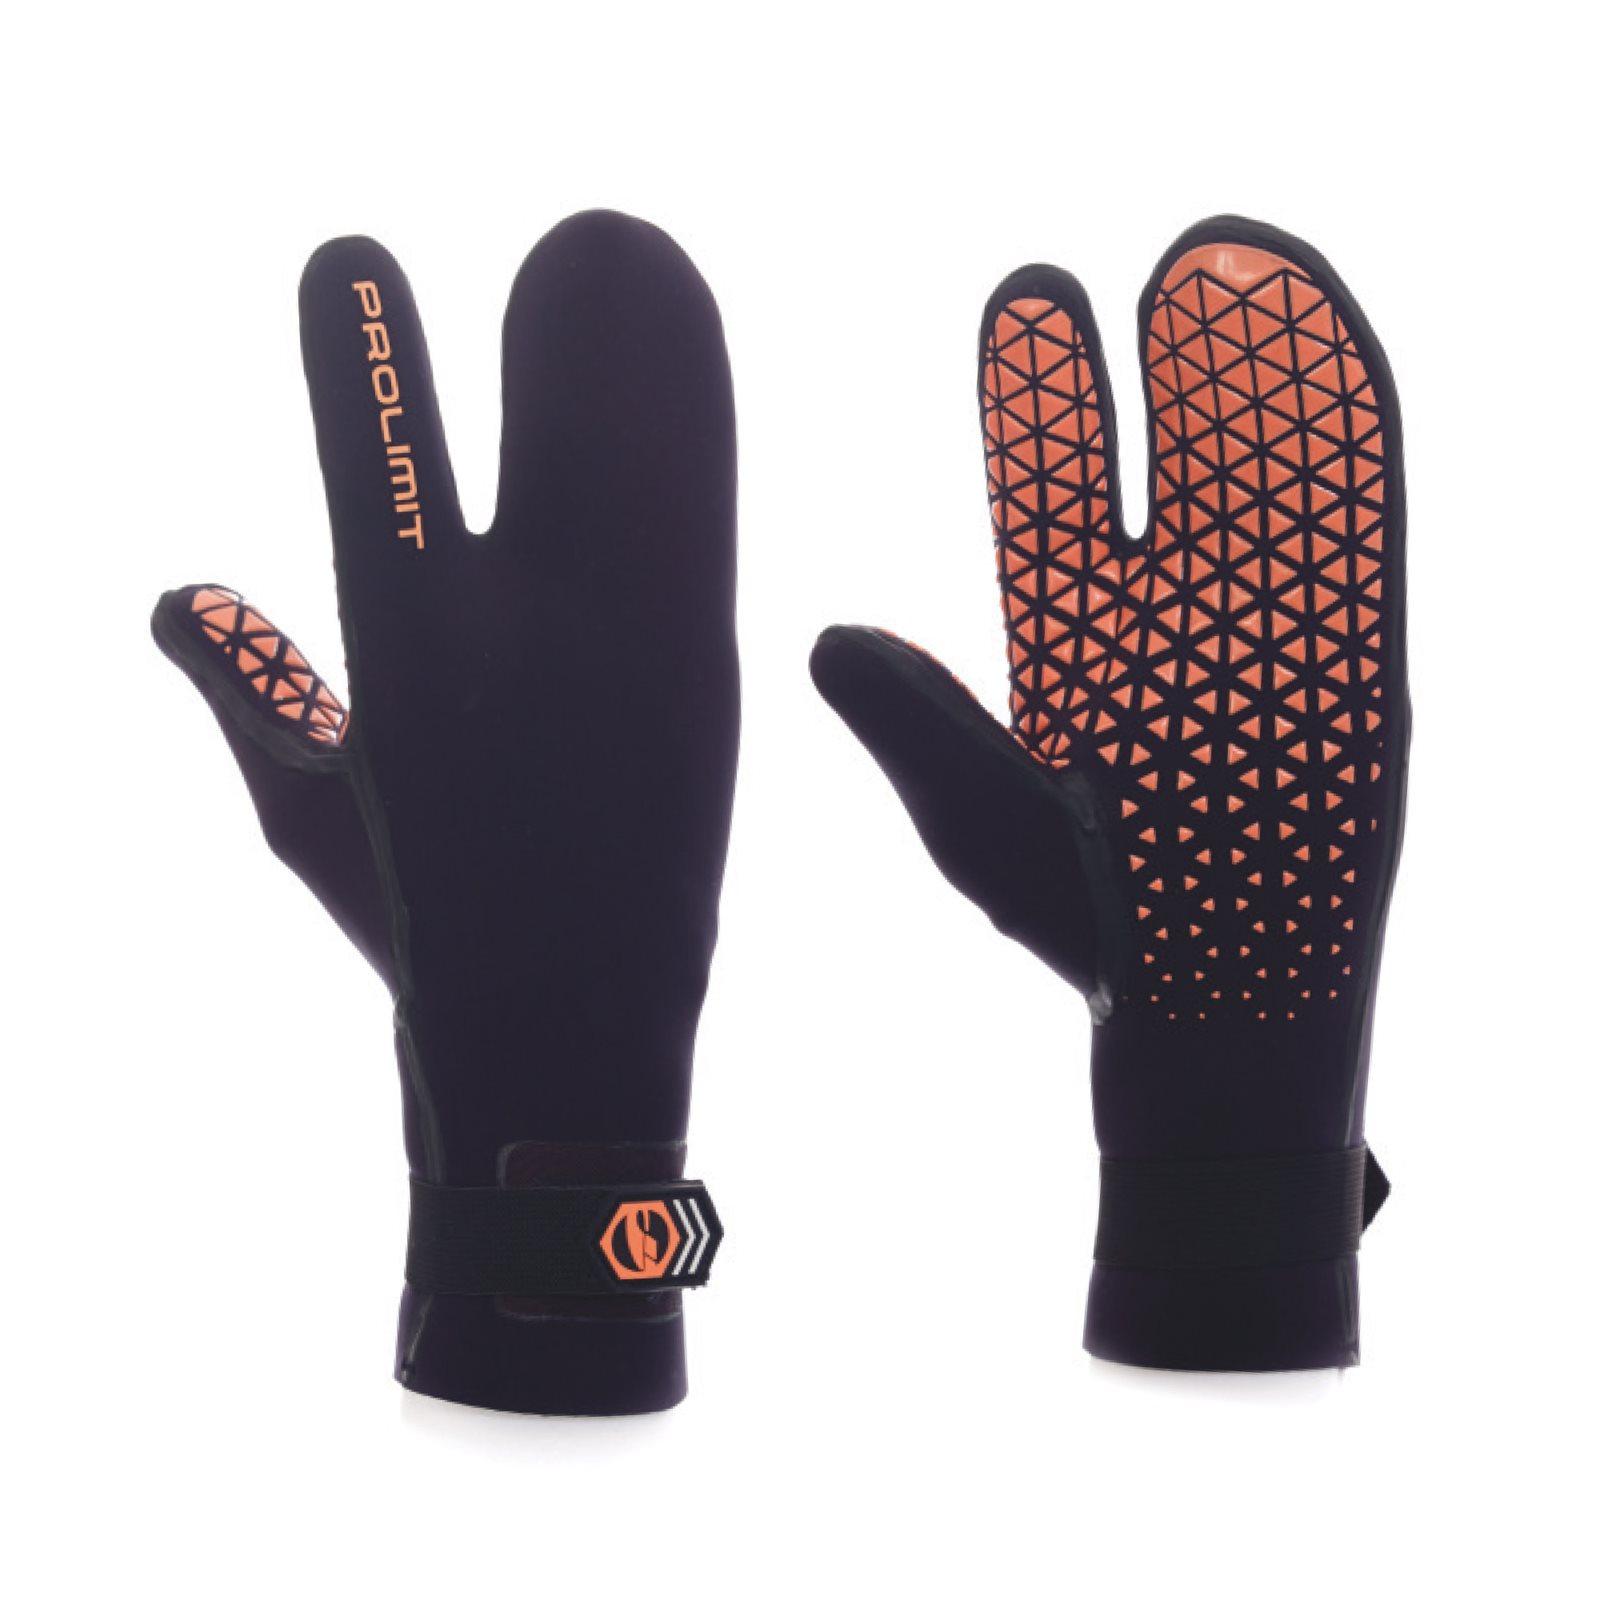 rukavice Prolimit 2mm Hydrogen Mitten - L